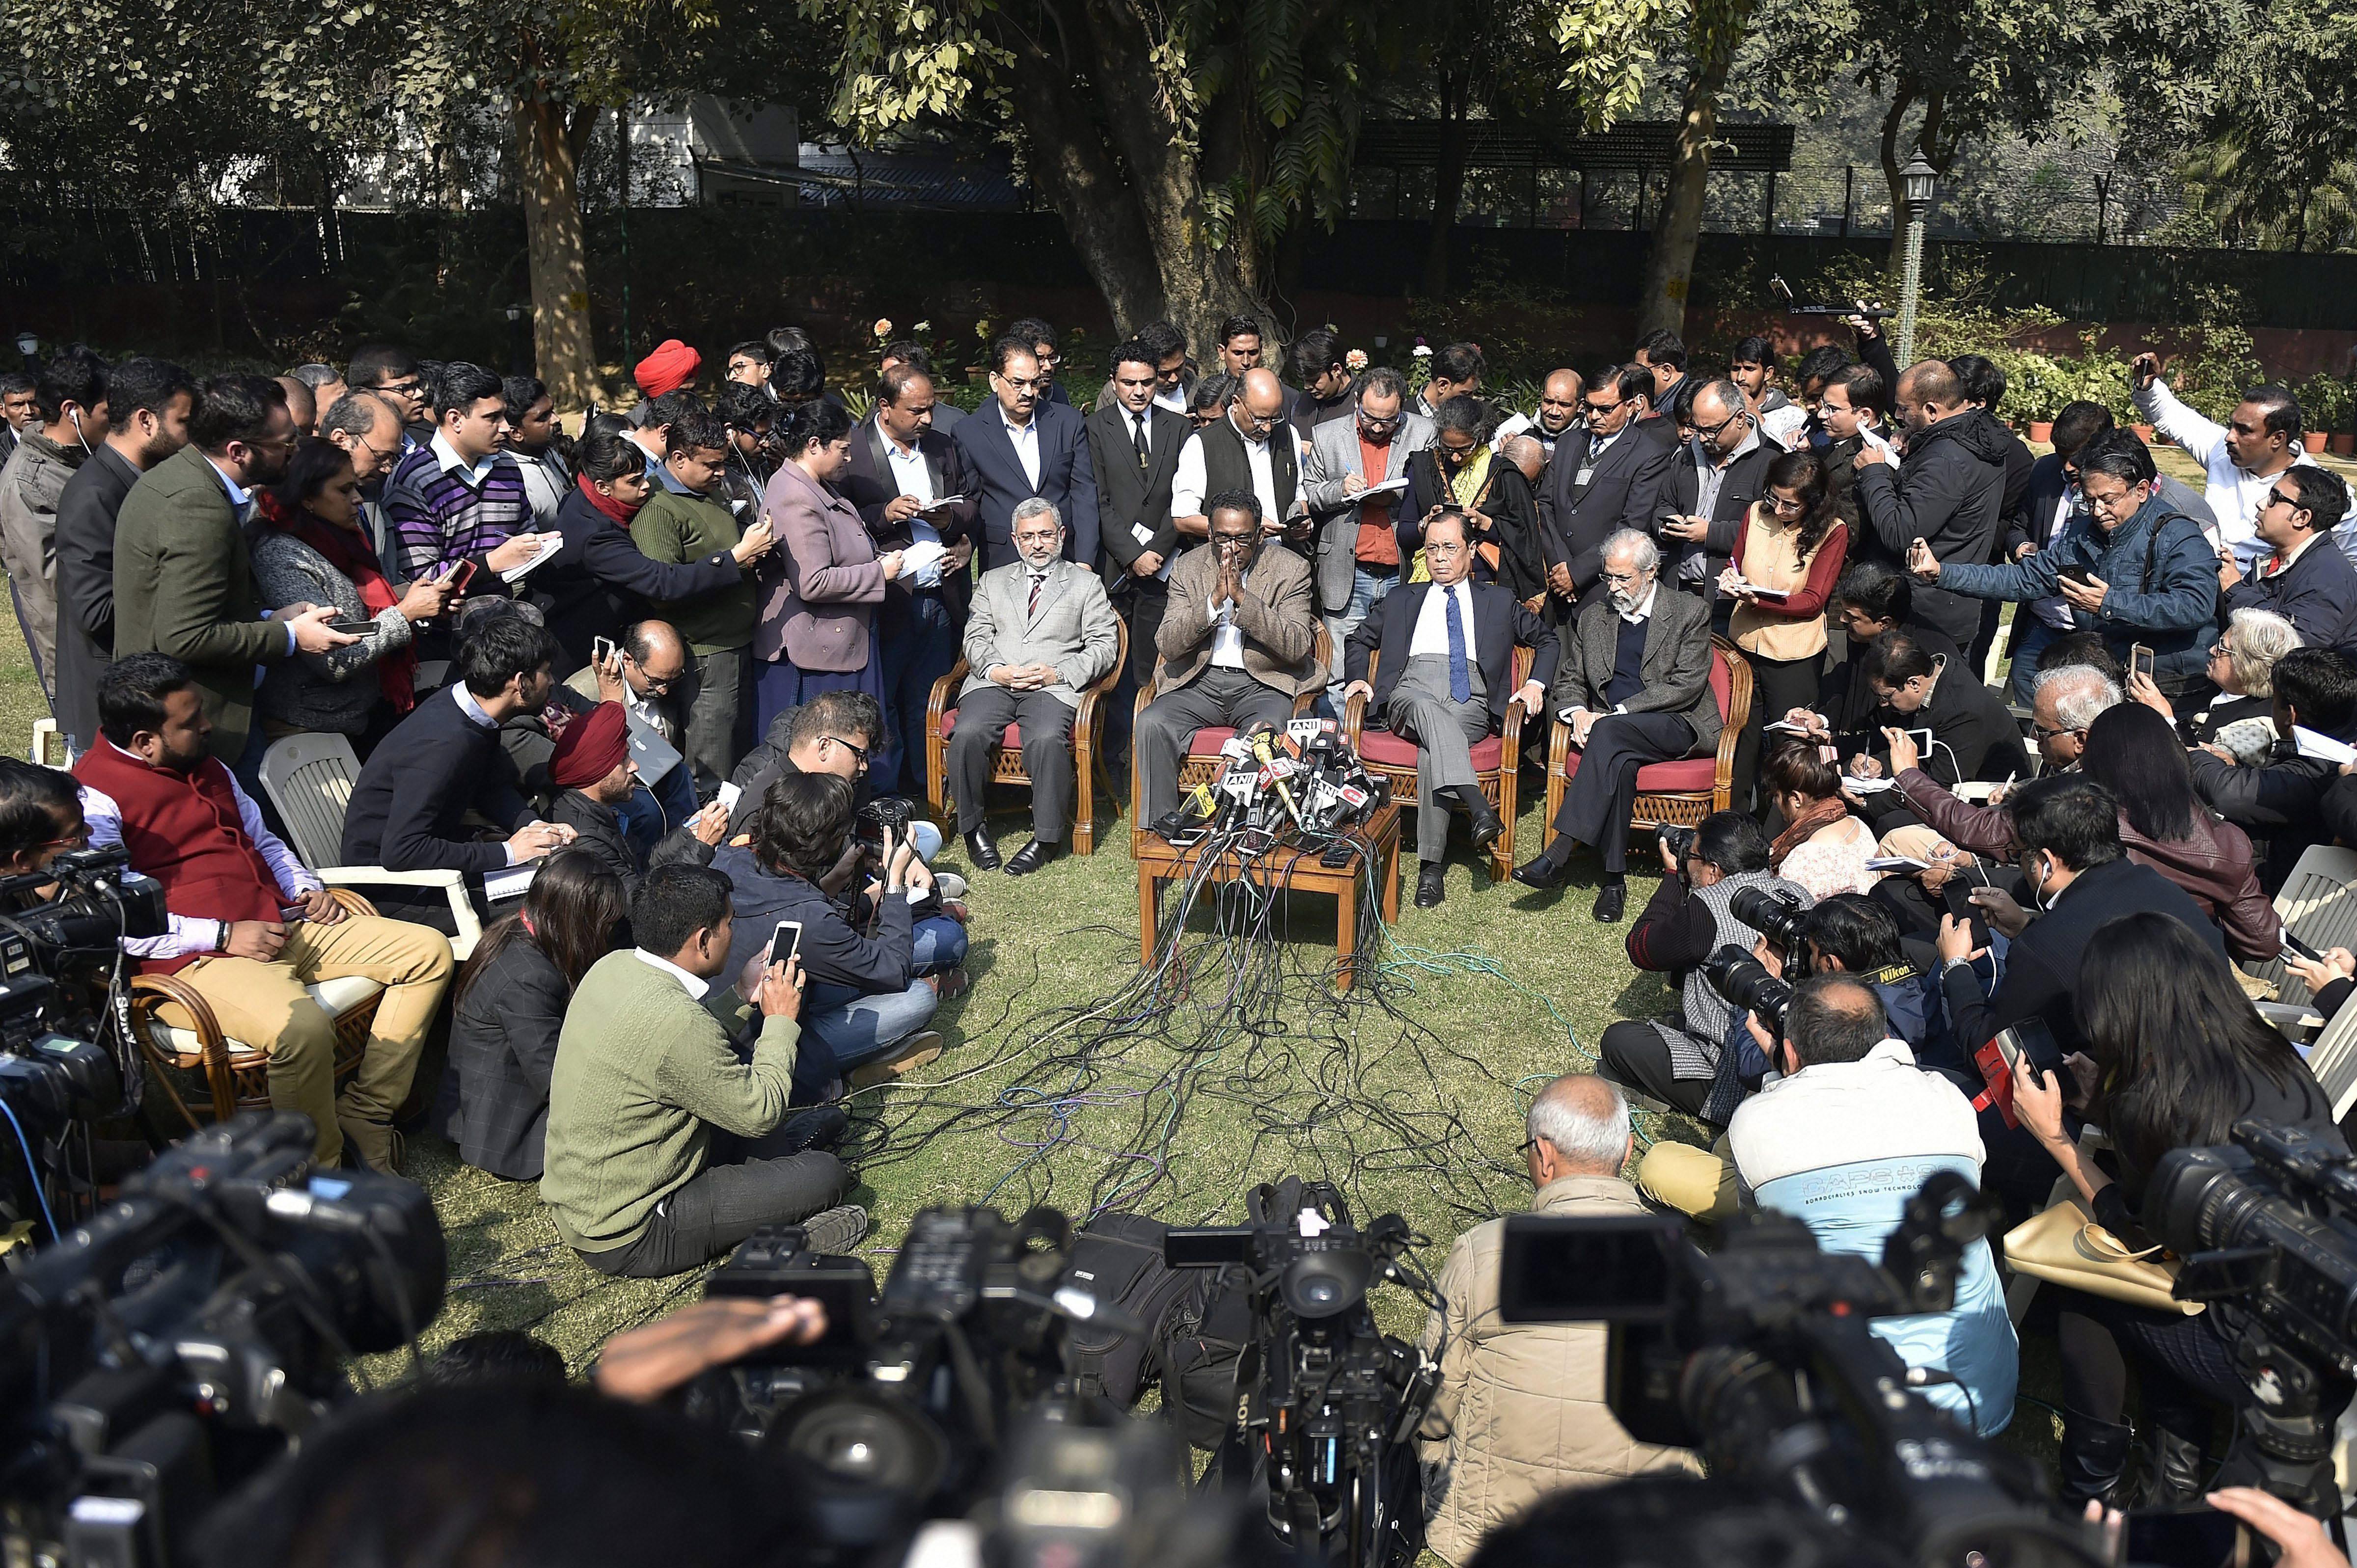 Image: Ravi Choudhary / PTI